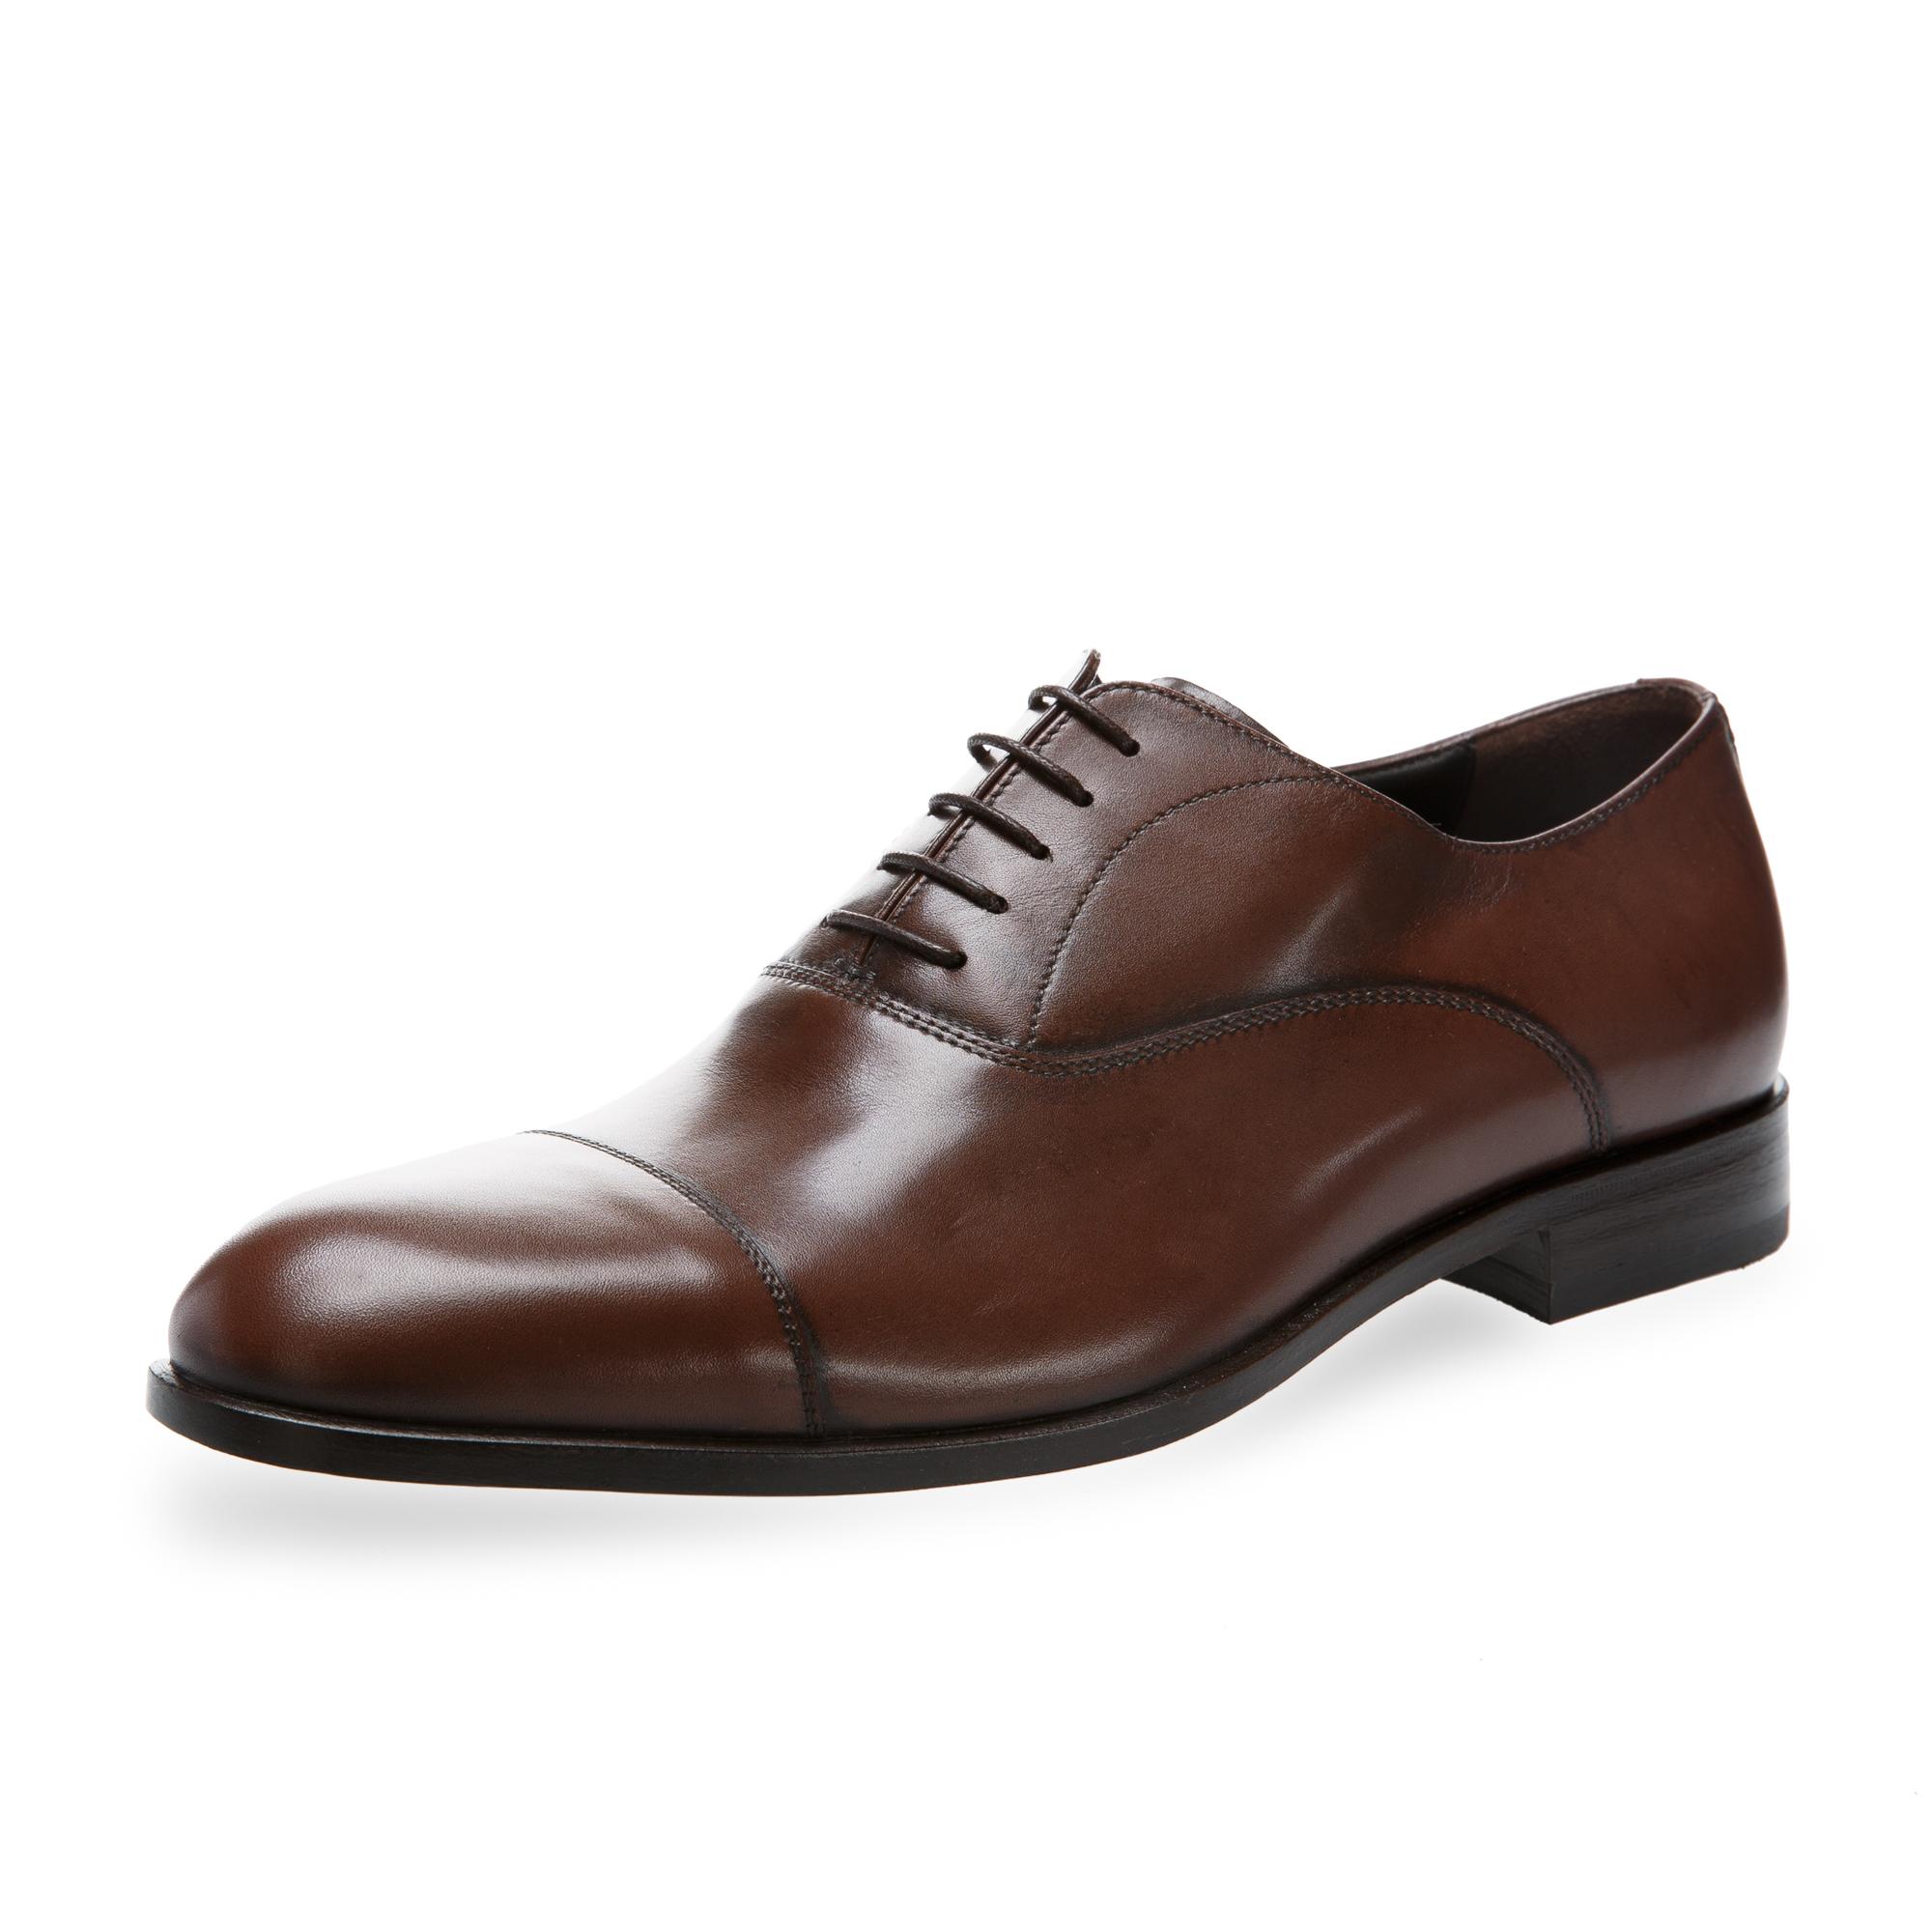 意大利原产germano bellesi系带浅口皮鞋男士皮鞋764 深棕色 39